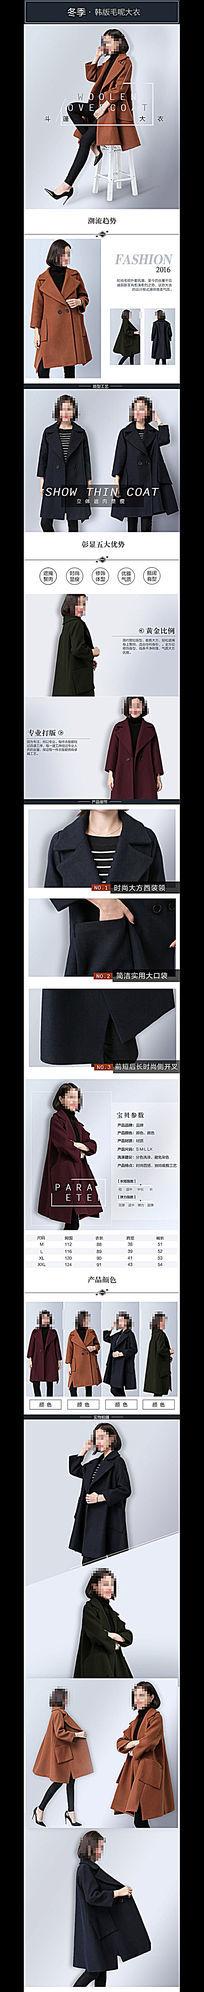 淘宝韩版女装毛呢大衣详情页模板 PSD